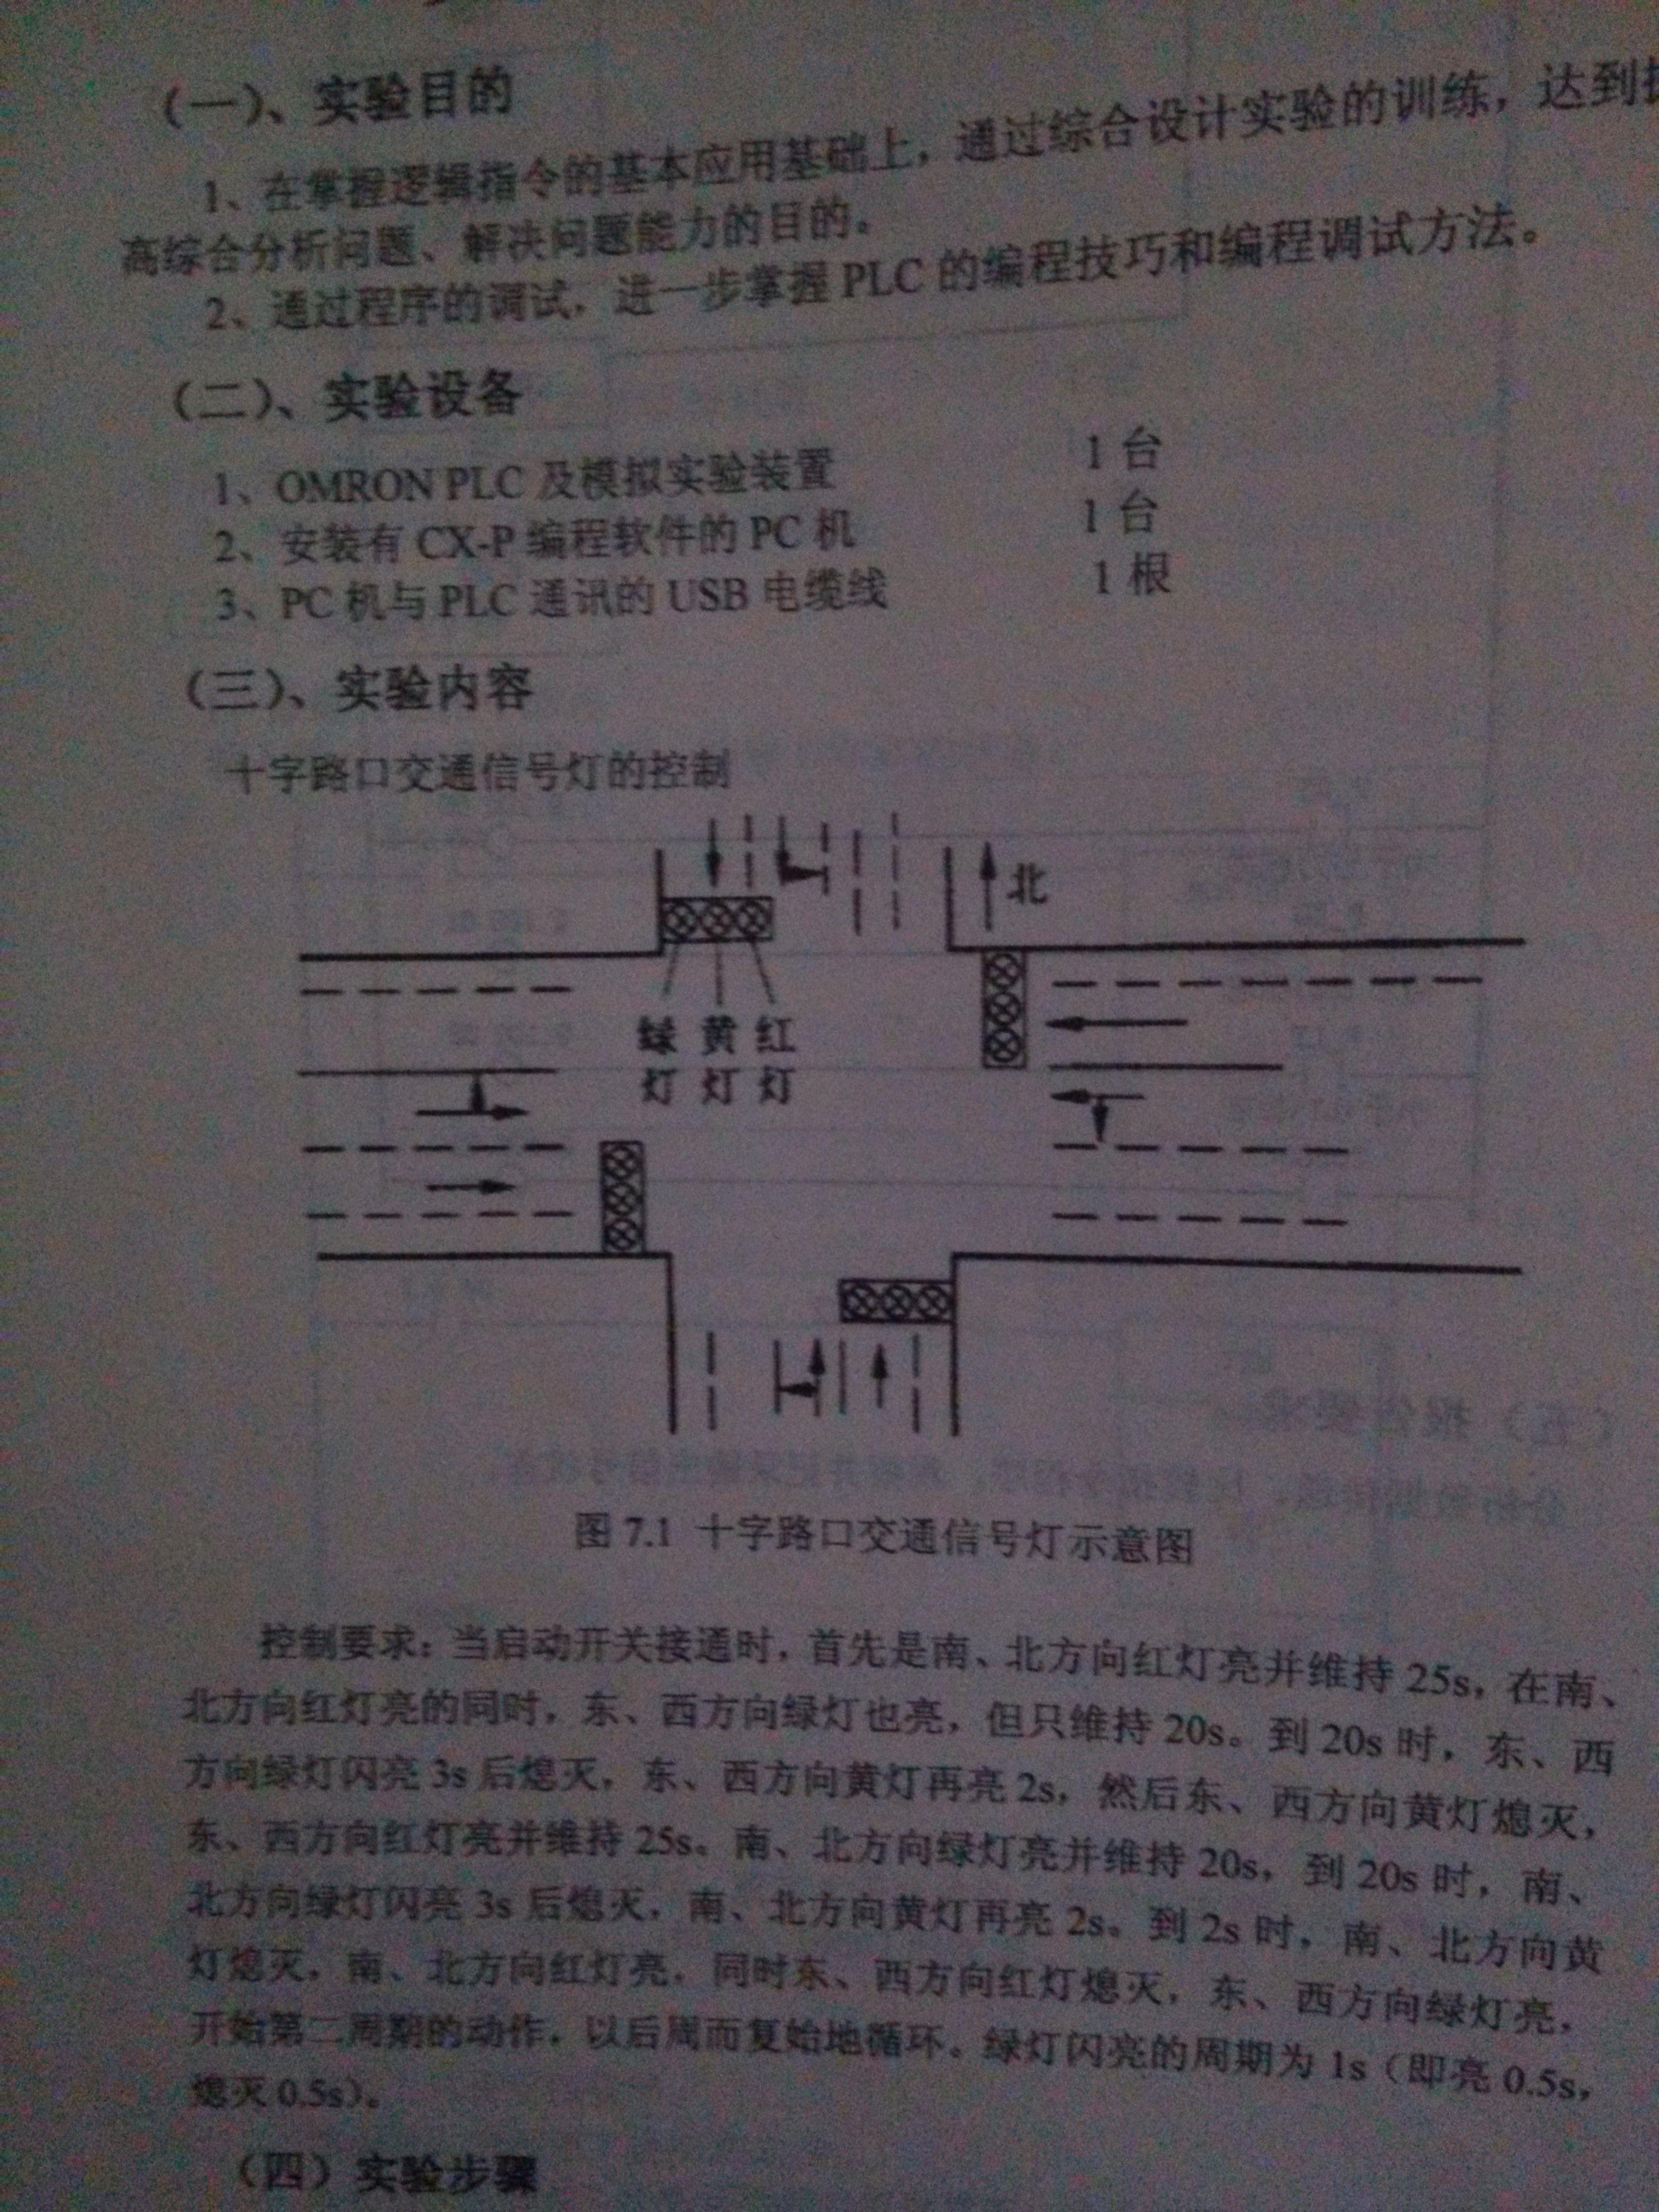 编写plc梯形图图片